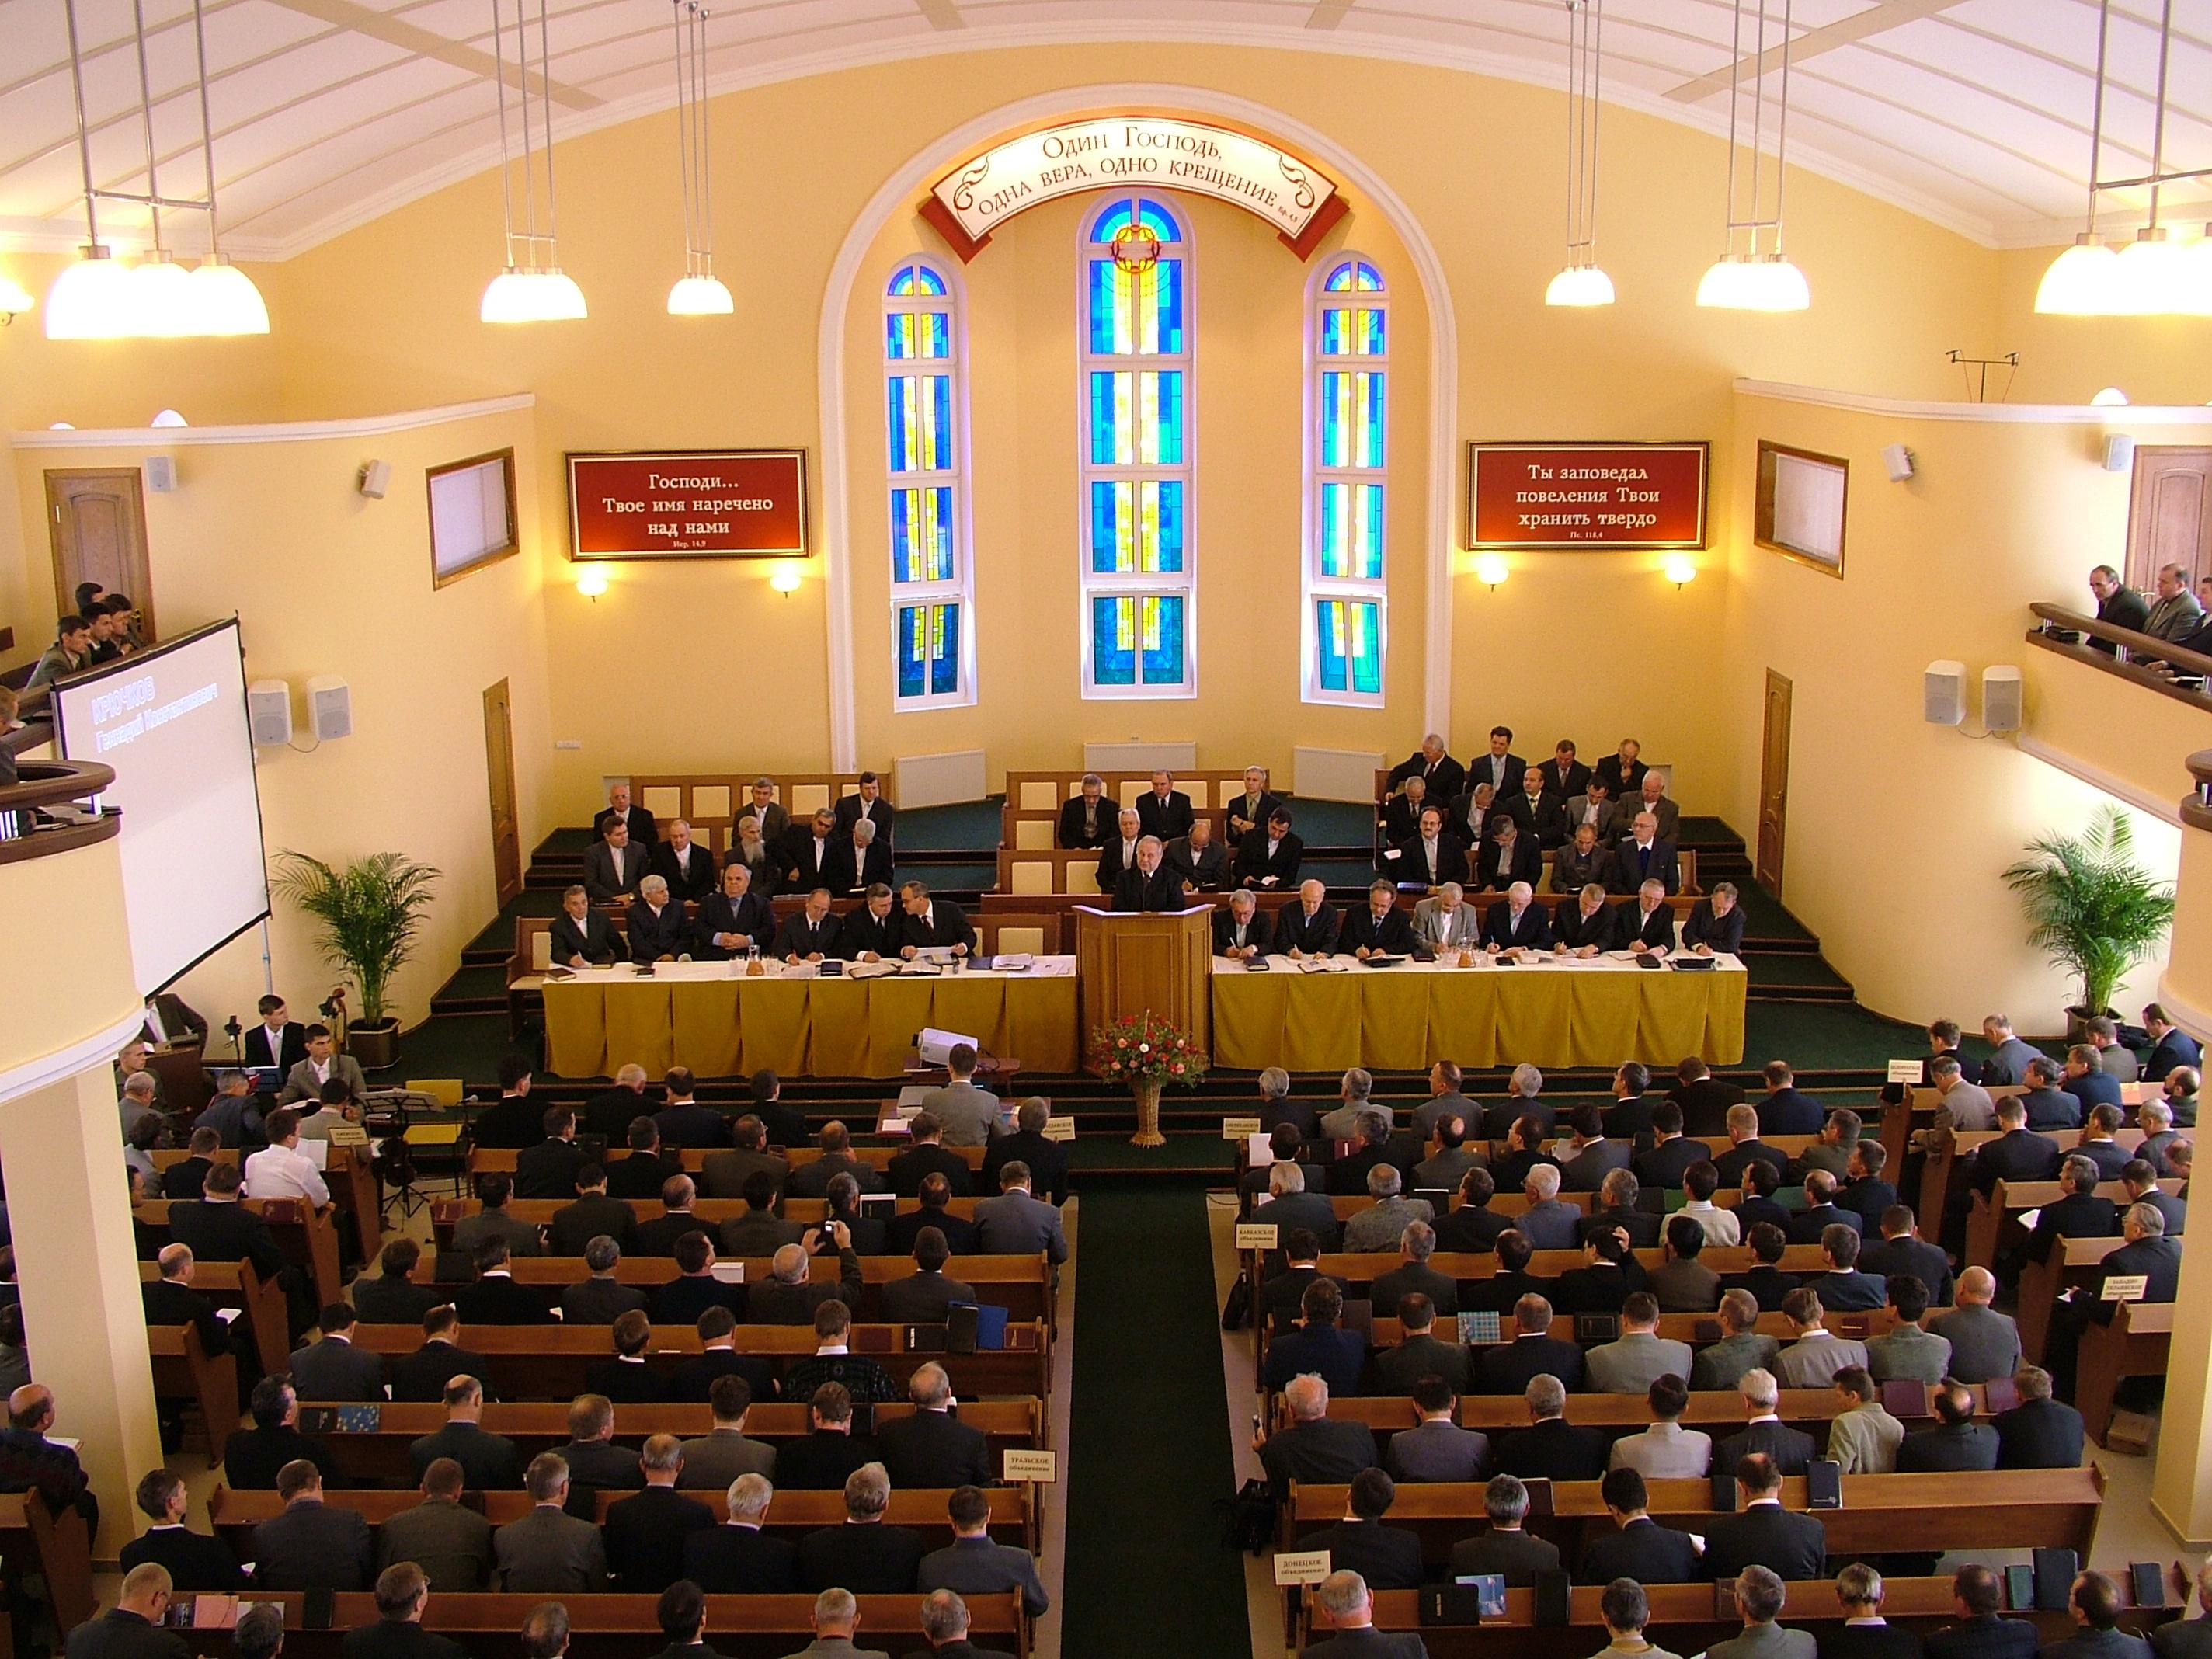 Съезд представителей церквей МСЦ ЕХБ (5-6 октября 2005 г.) г. Тула